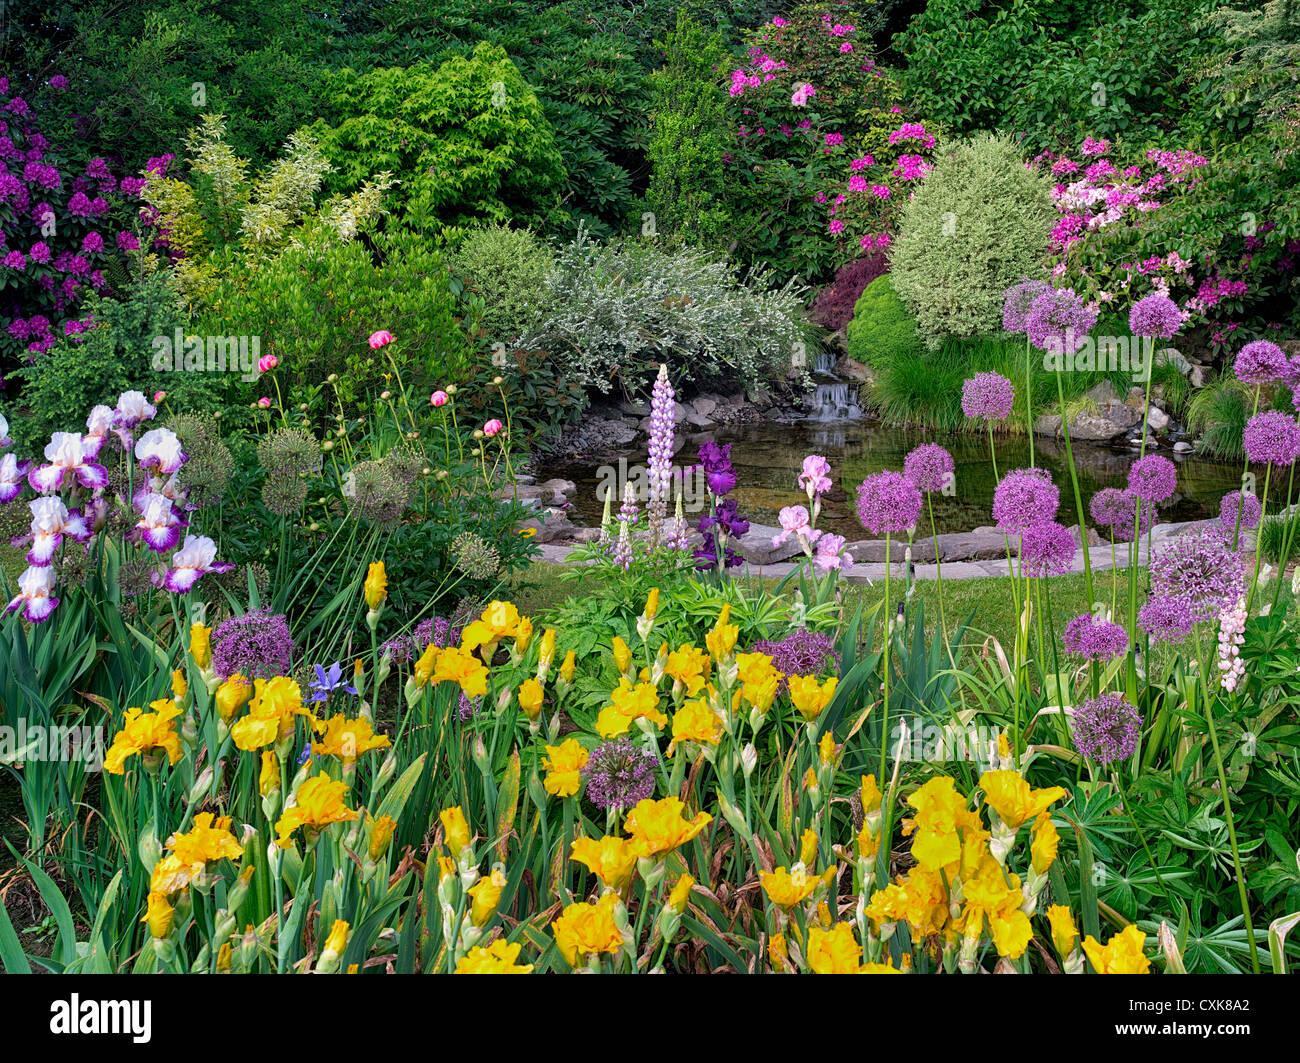 Pond with flower garden schrieners iris gardens salem for Flower garden ponds